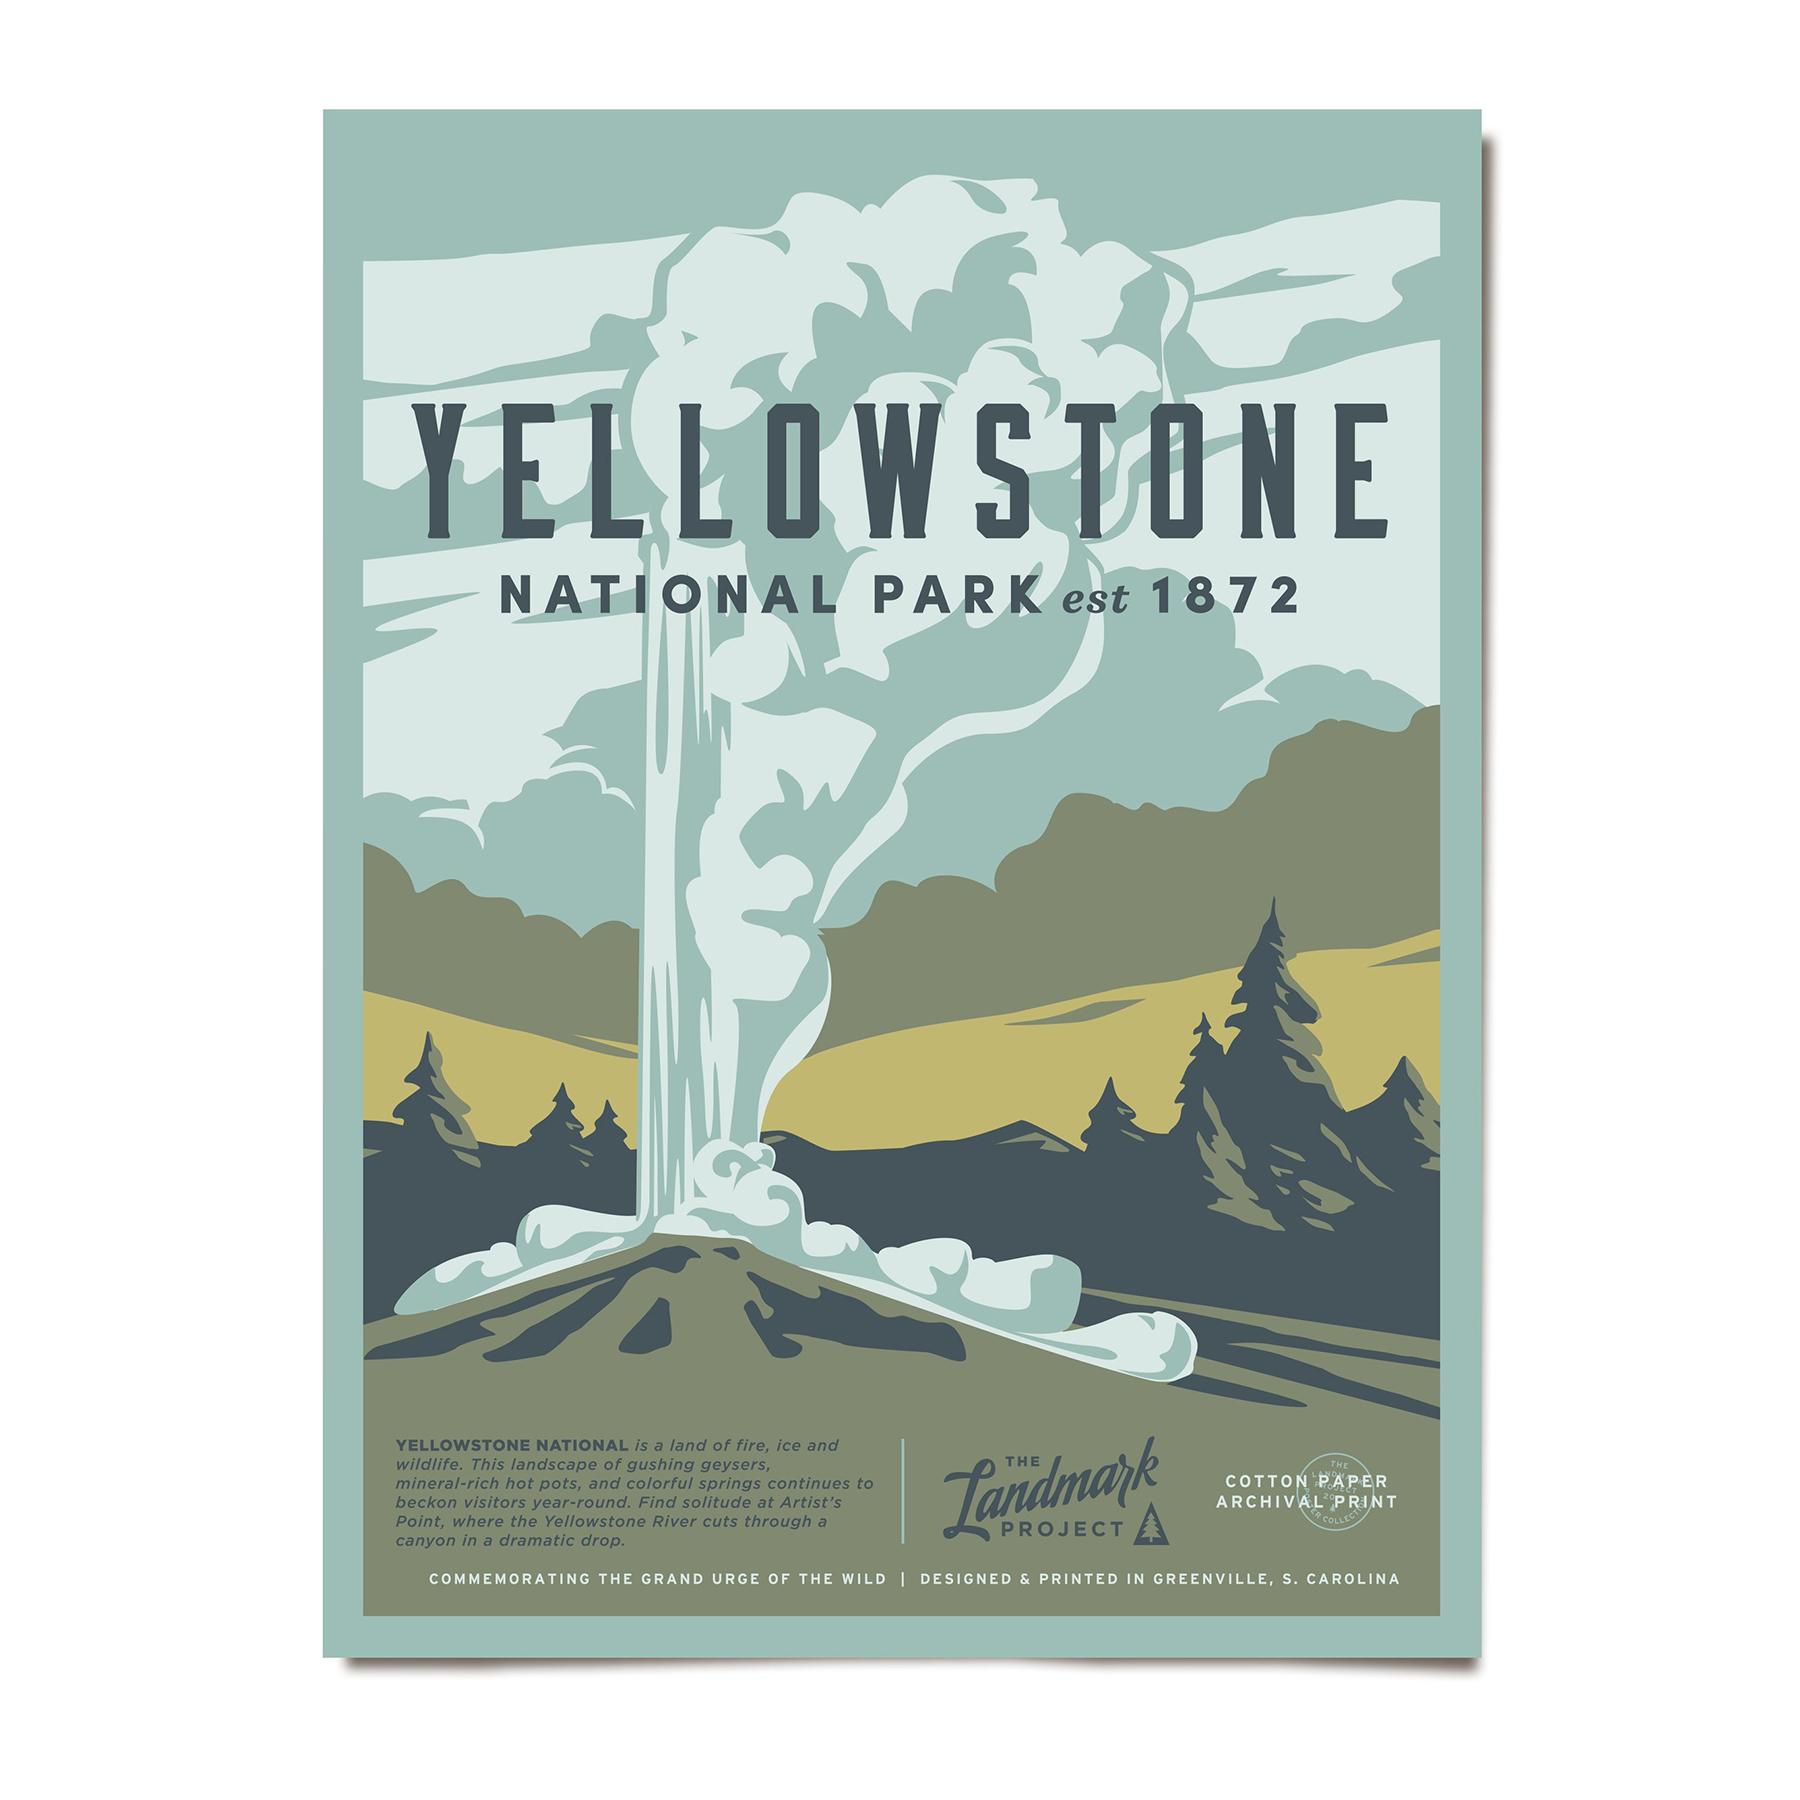 yellowstone-poster.jpg